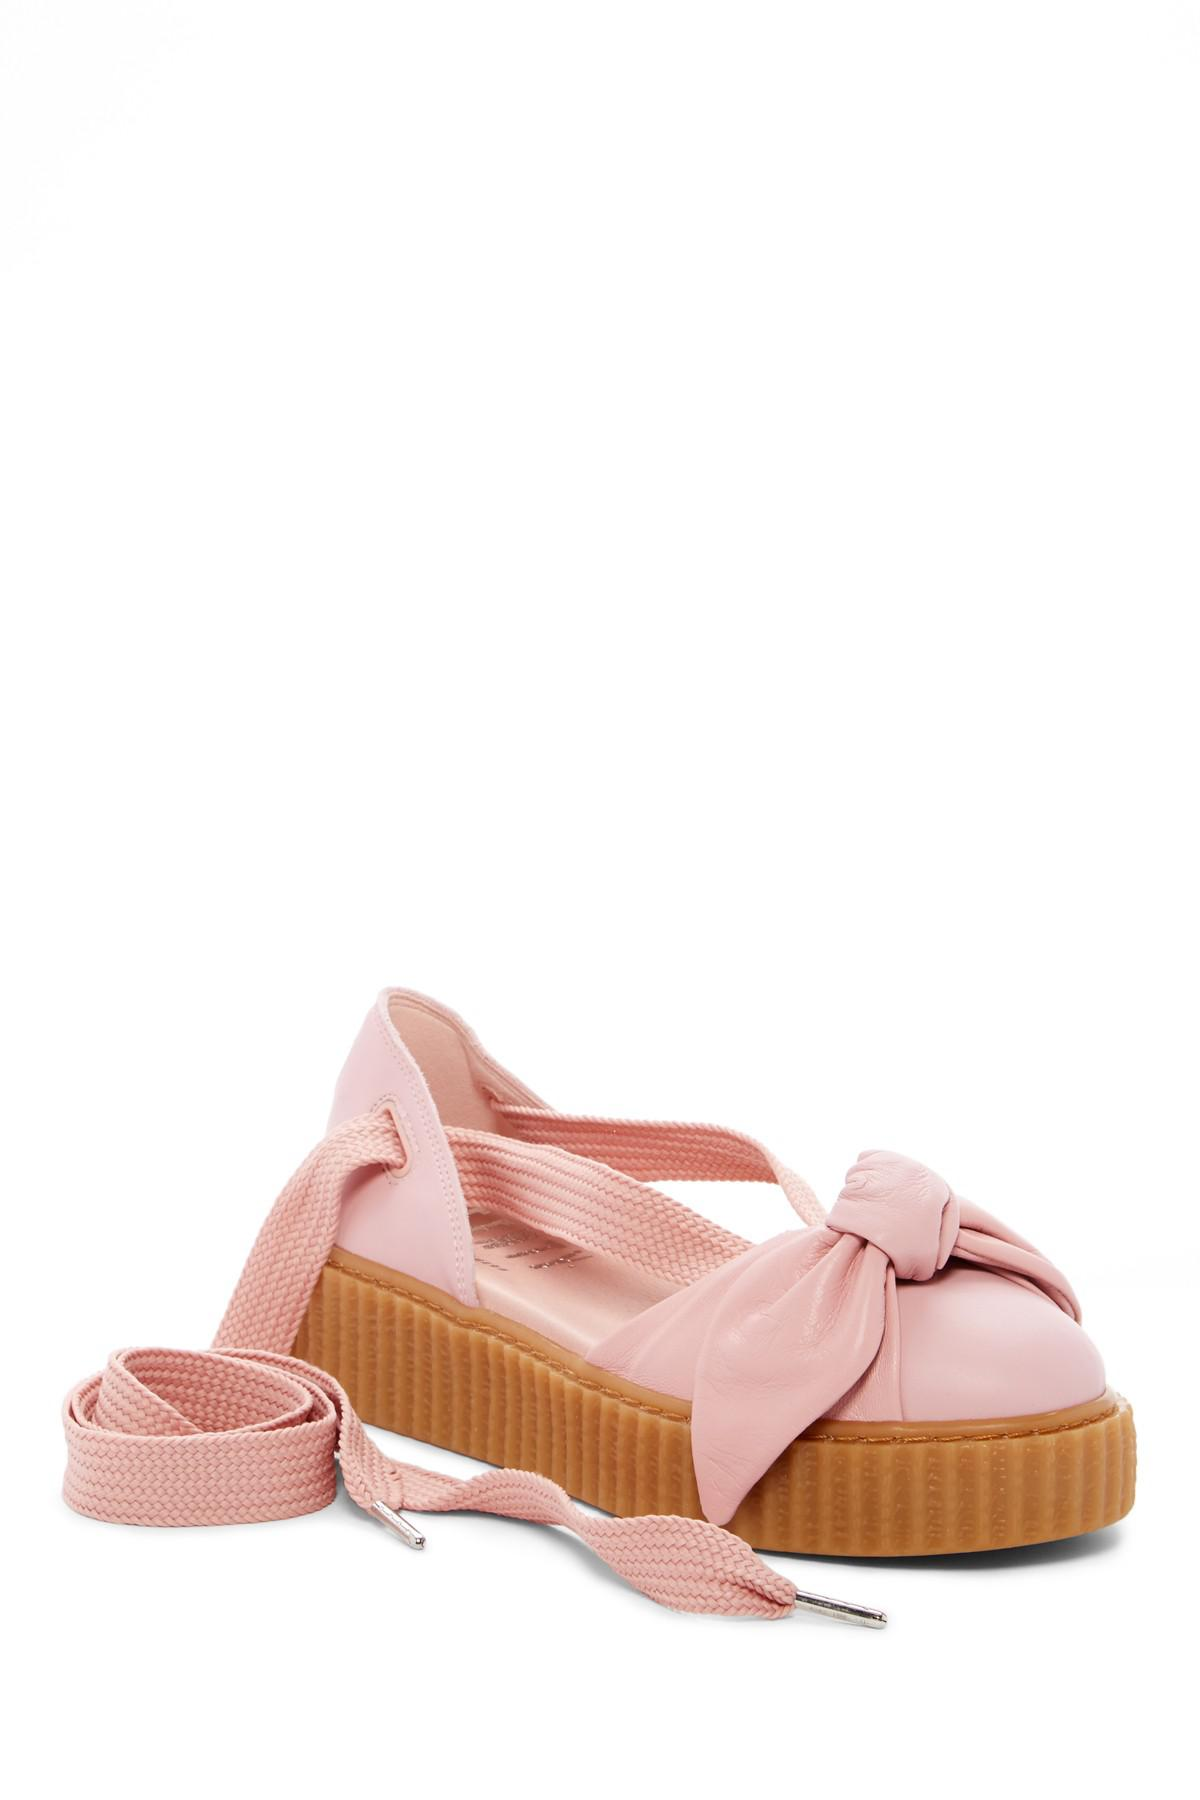 9ef5a148853291 Lyst - Puma Fenty By Rihanna Bow Leather Creeper Sandal (women) in Pink